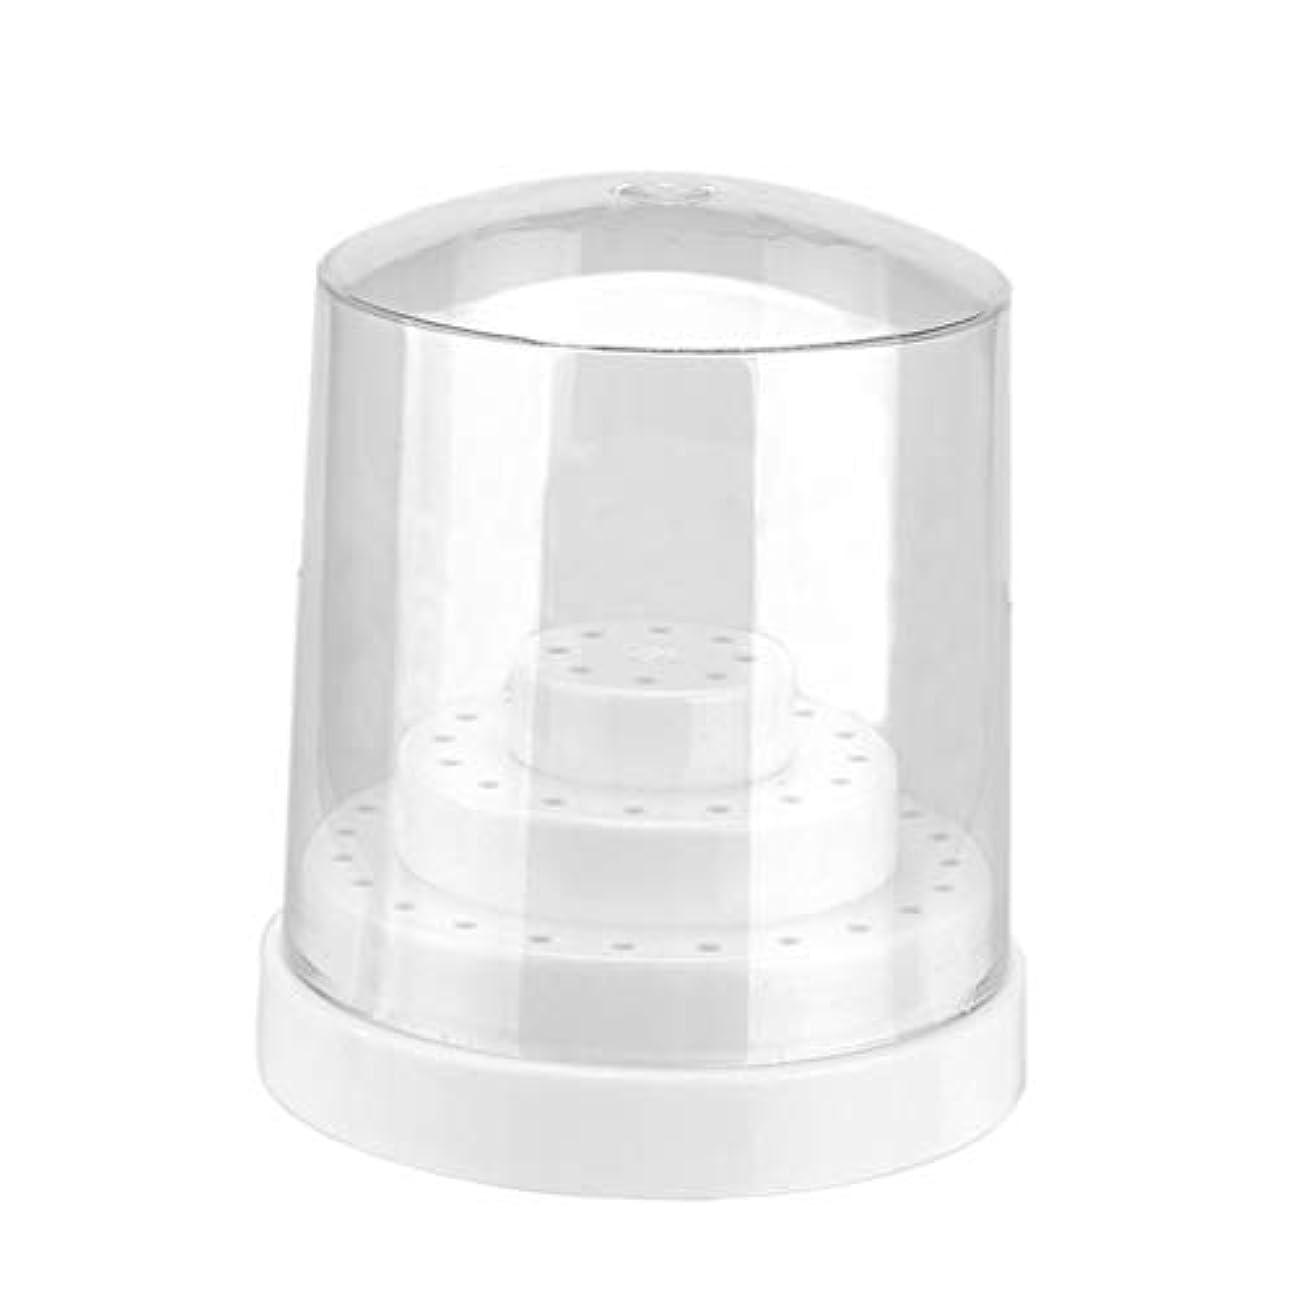 ネックレット穿孔する避ける48穴 ネイルビットホルダー ネイルファイル 収納ケース クリアカバー付き ネイル道具